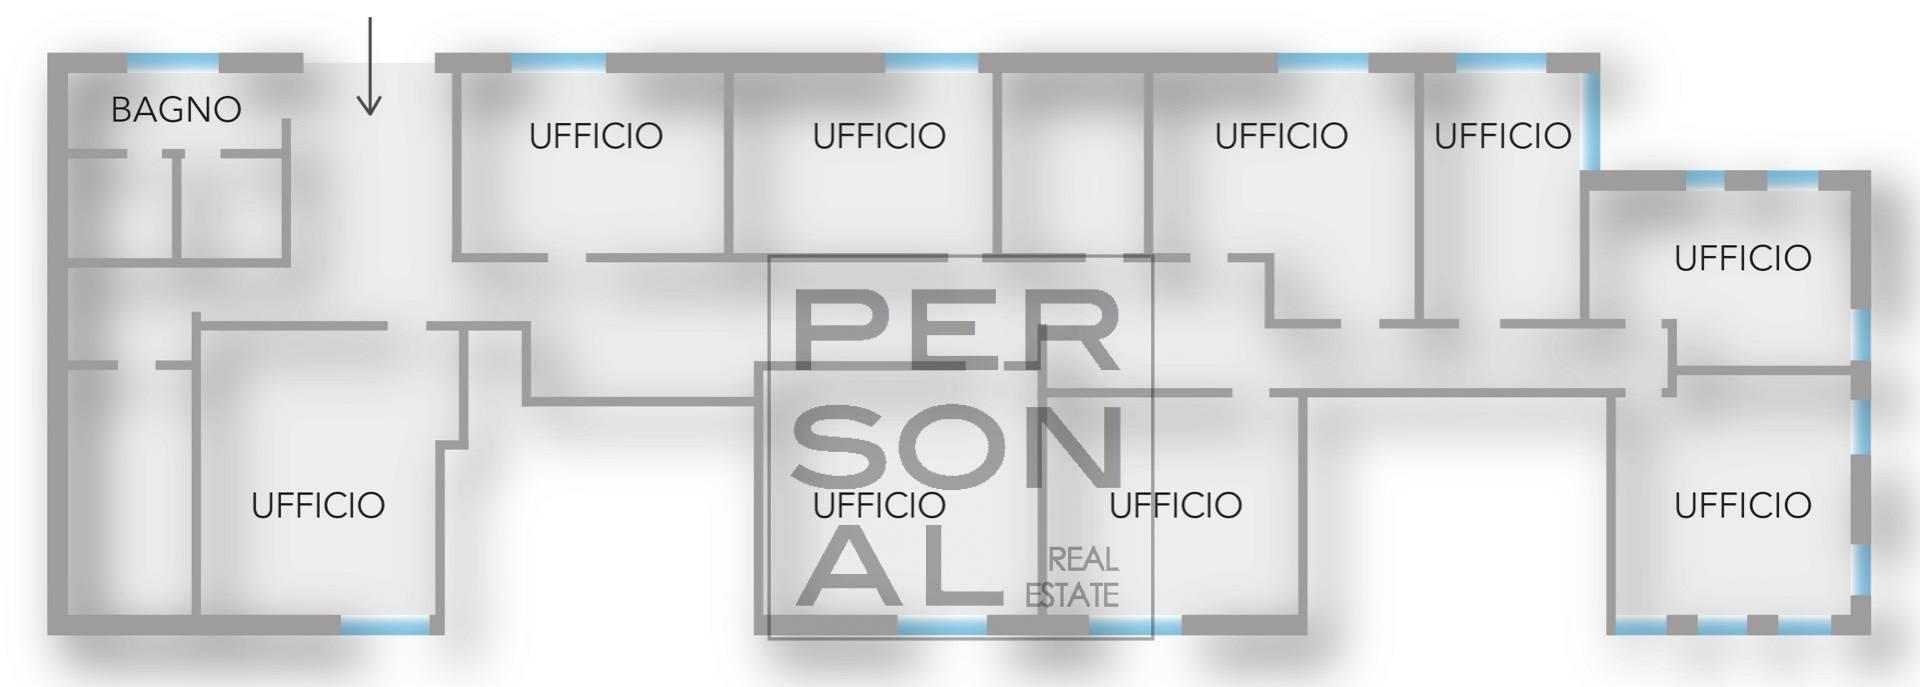 trento vendita quart: bolghera personal-re-®-consulenza-immobiliare-&-home-staging